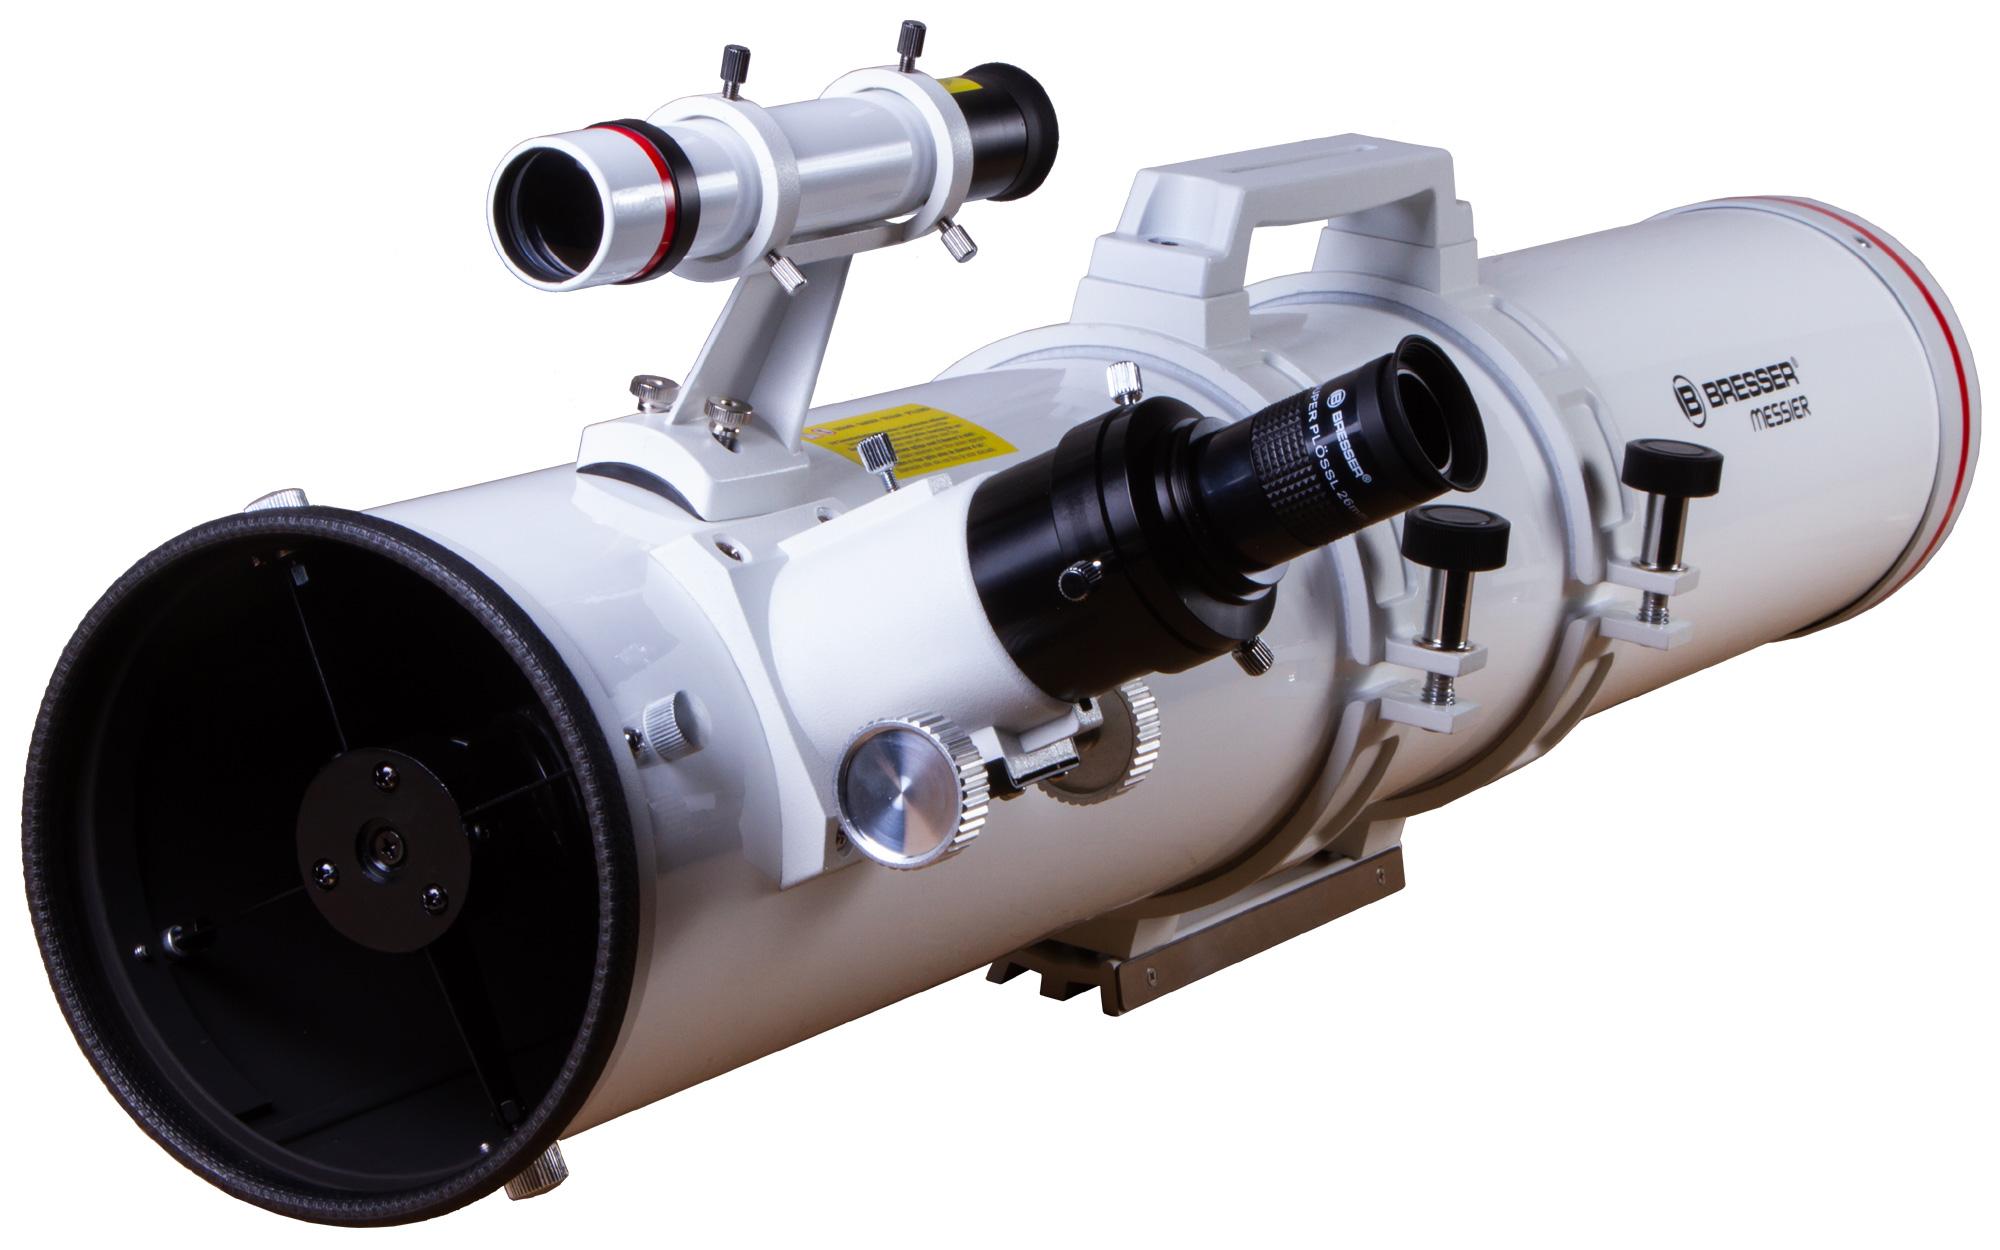 Картинка для Труба оптическая Bresser (Брессер) Messier NT-130/1000